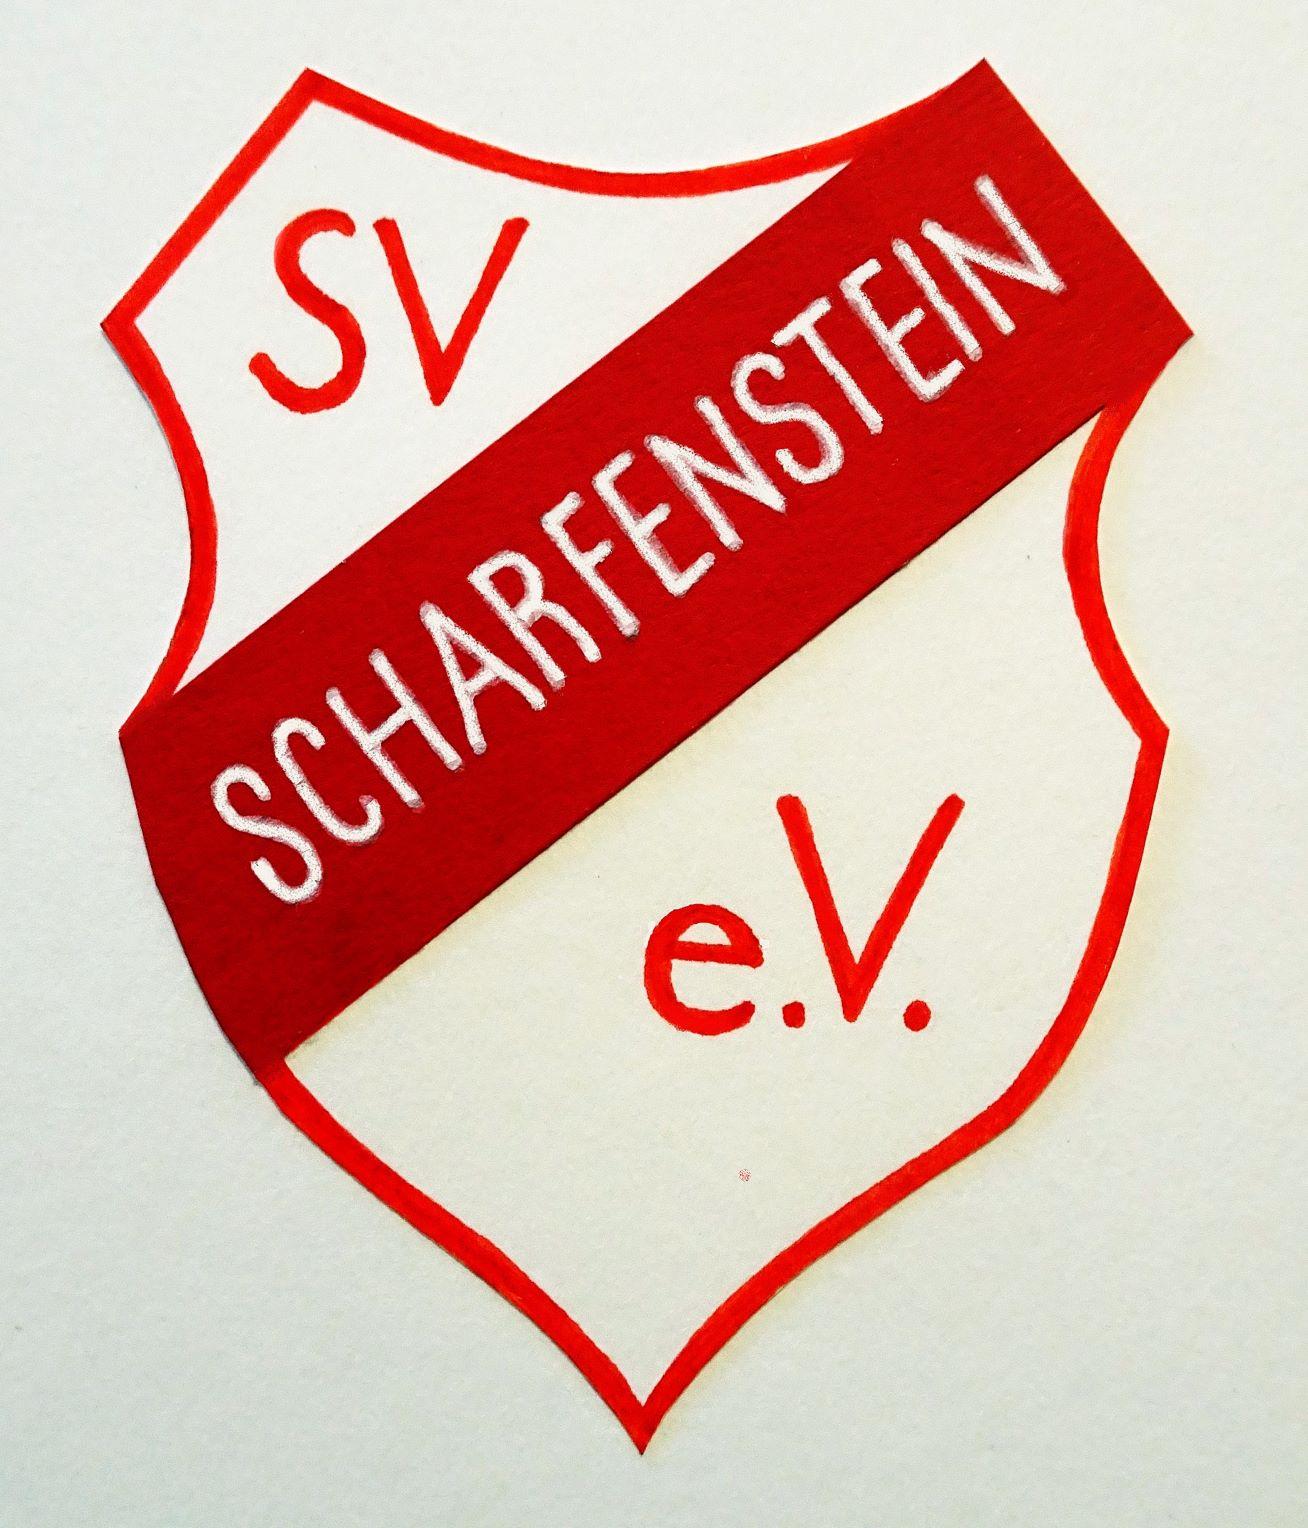 SV Scharfenstein